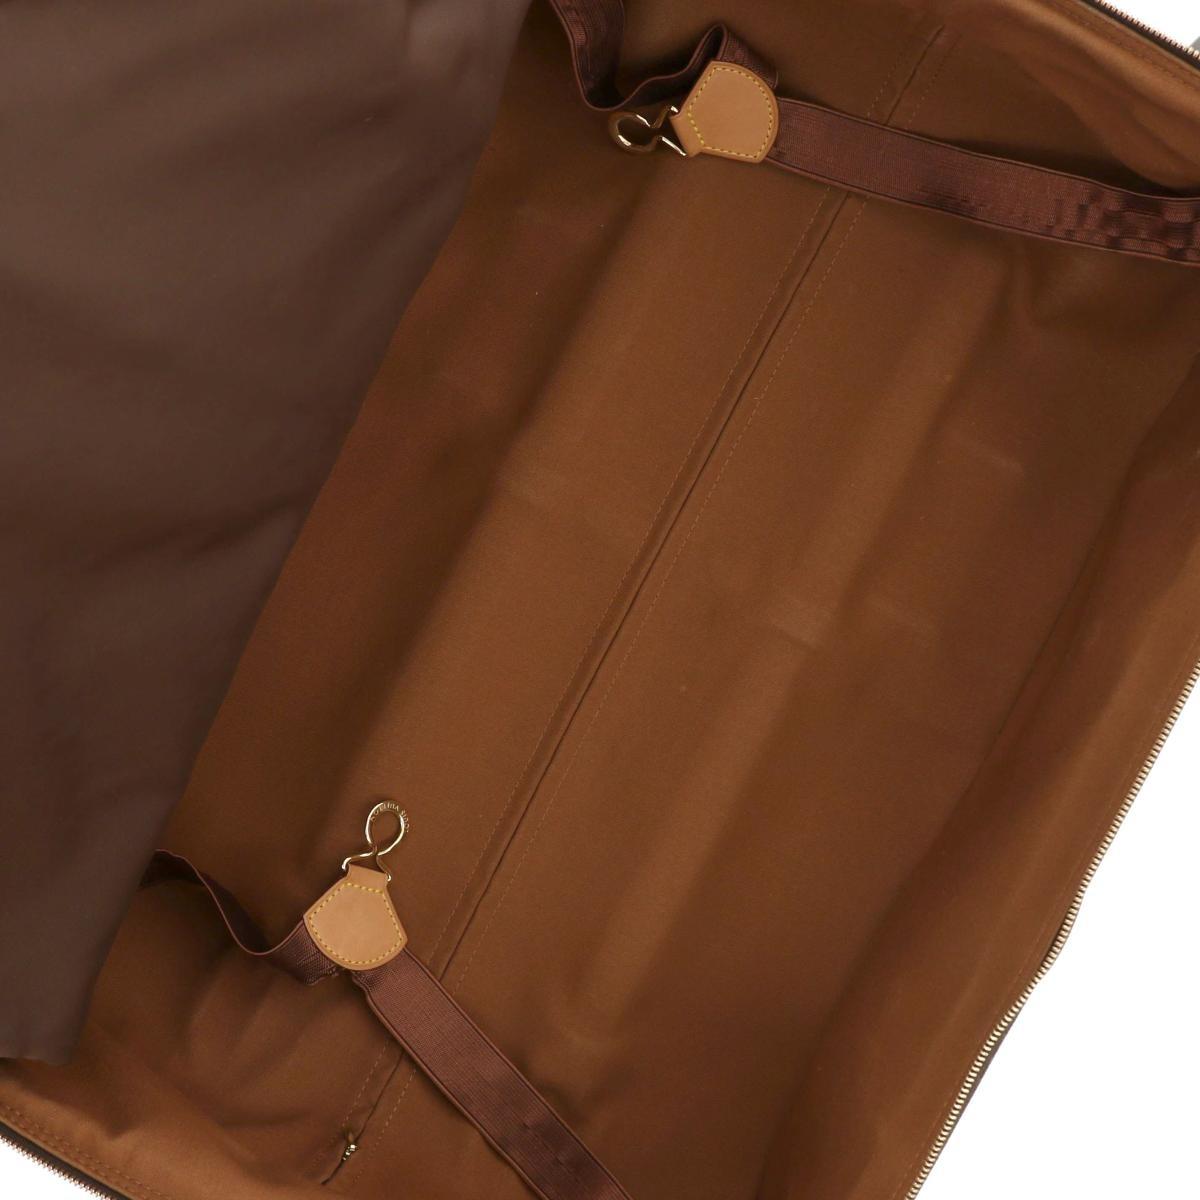 【中古】LOUIS VUITTON (ルイヴィトン) ペガス55 バッグ キャリーバッグ/スーツケース モノグラム Brown/ブラウン M23294 used:B